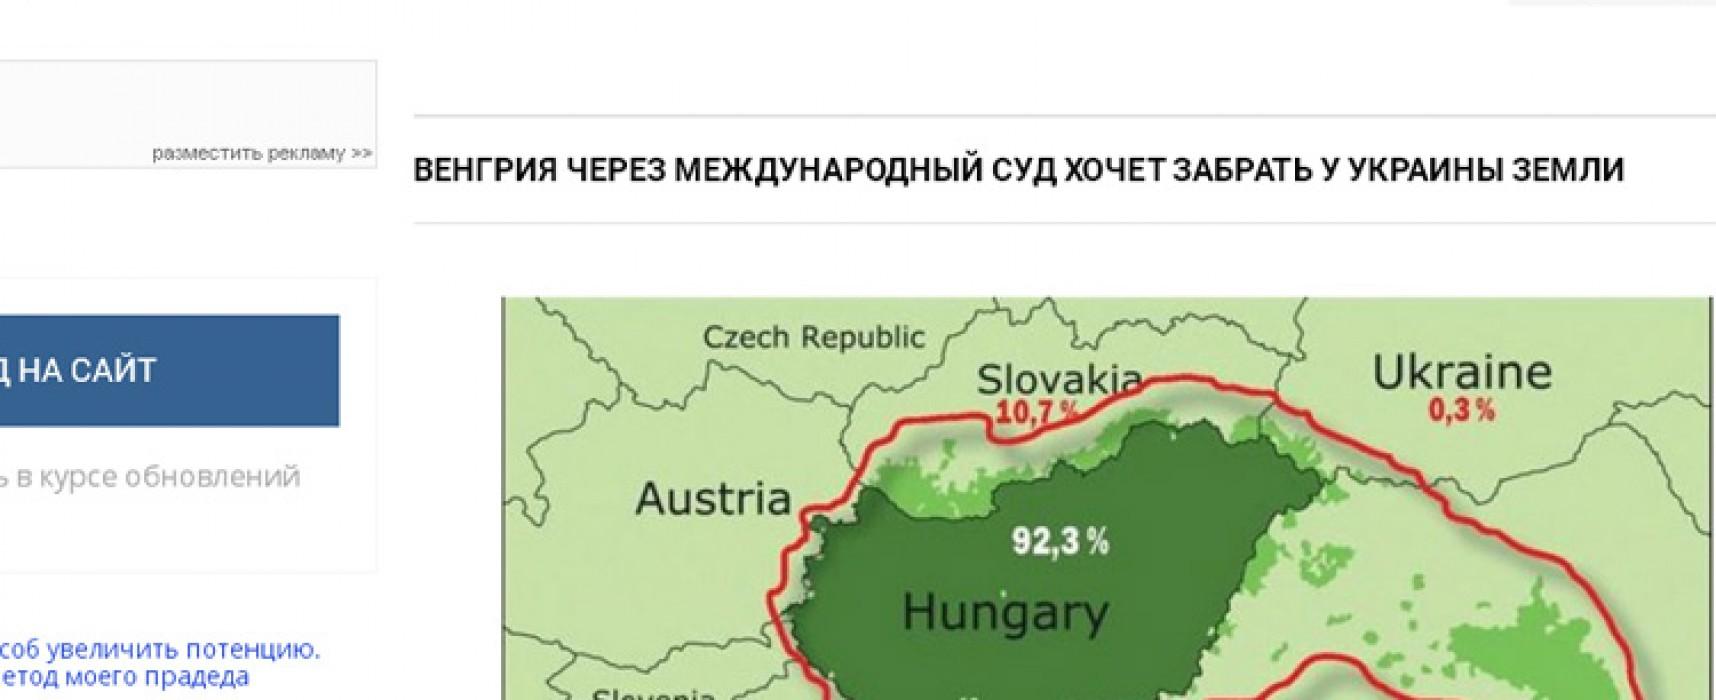 Фейк: Венгрия через Международный суд ООН хочет забрать украинские земли